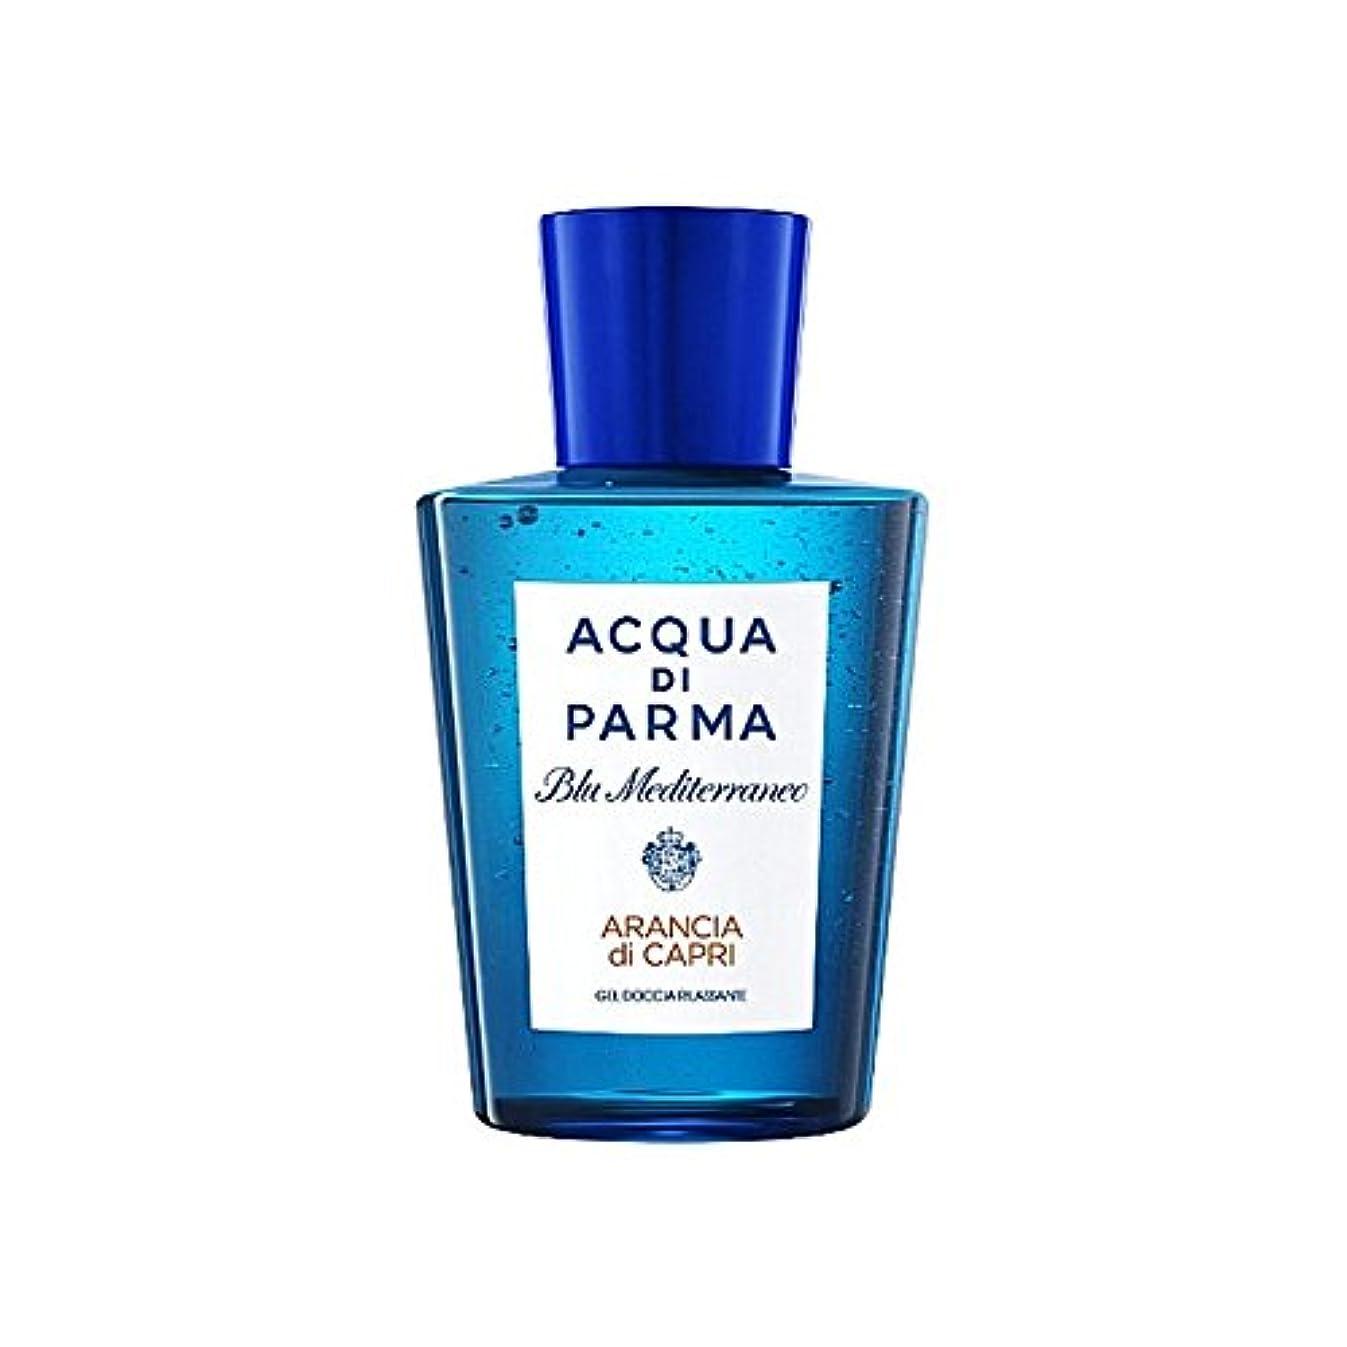 毒性渇きシリンダーAcqua Di Parma Blu Mediterraneo Arancia Di Capri Shower Gel 200ml - アクアディパルマブルーメディのアランシアジカプリシャワージェル200 [並行輸入品]